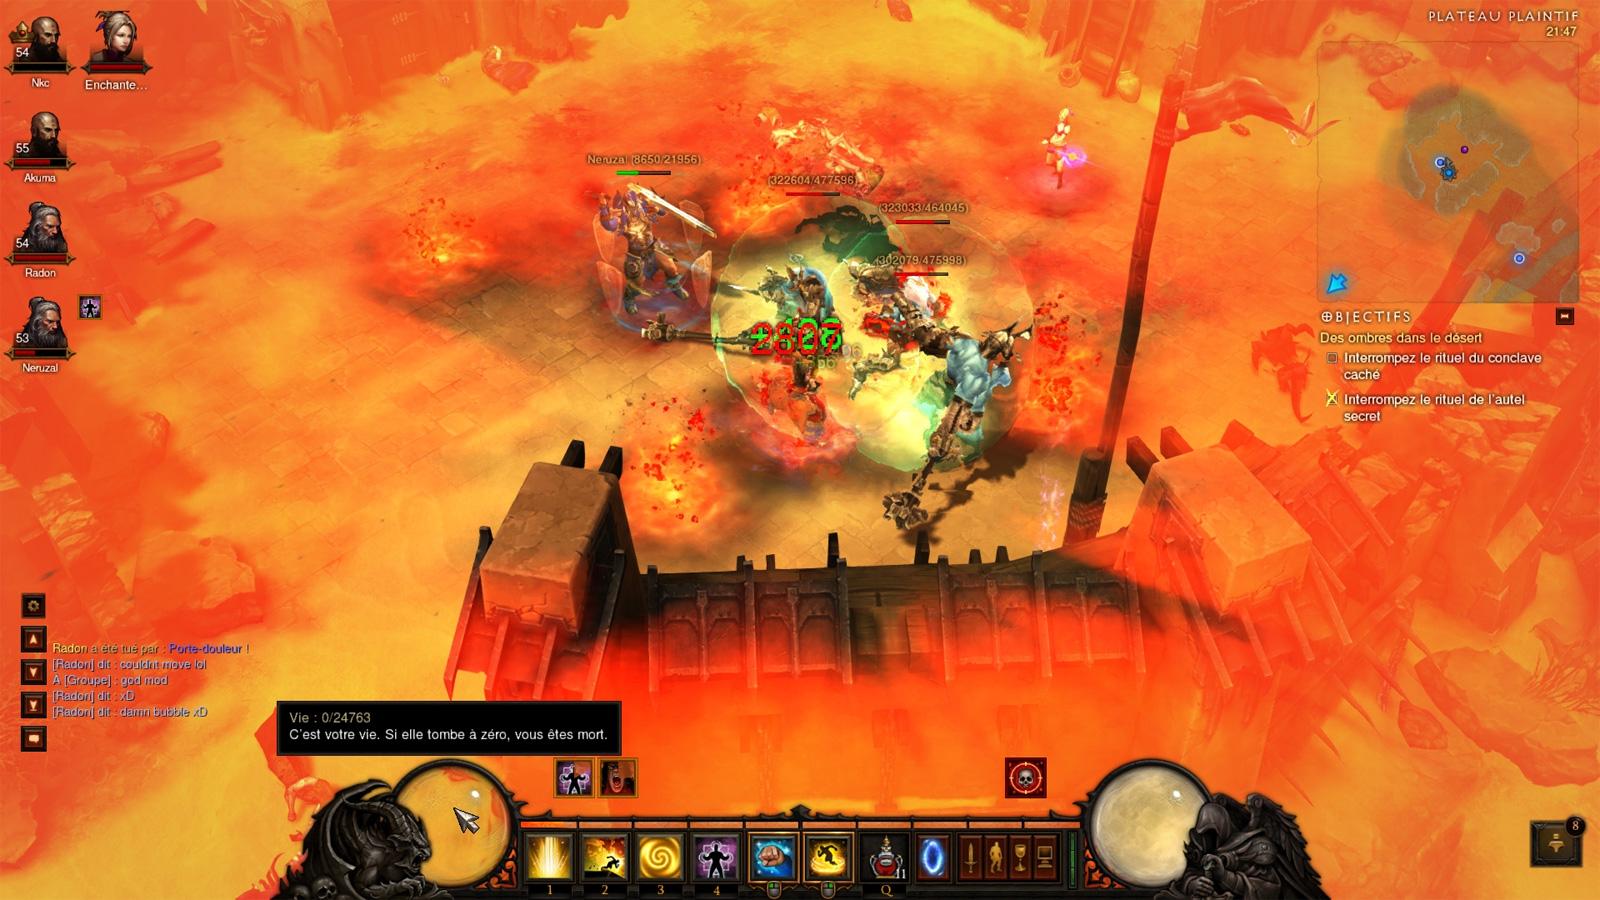 Un bug où le joueur est resté en vie.  Screenshot de Nicolas.